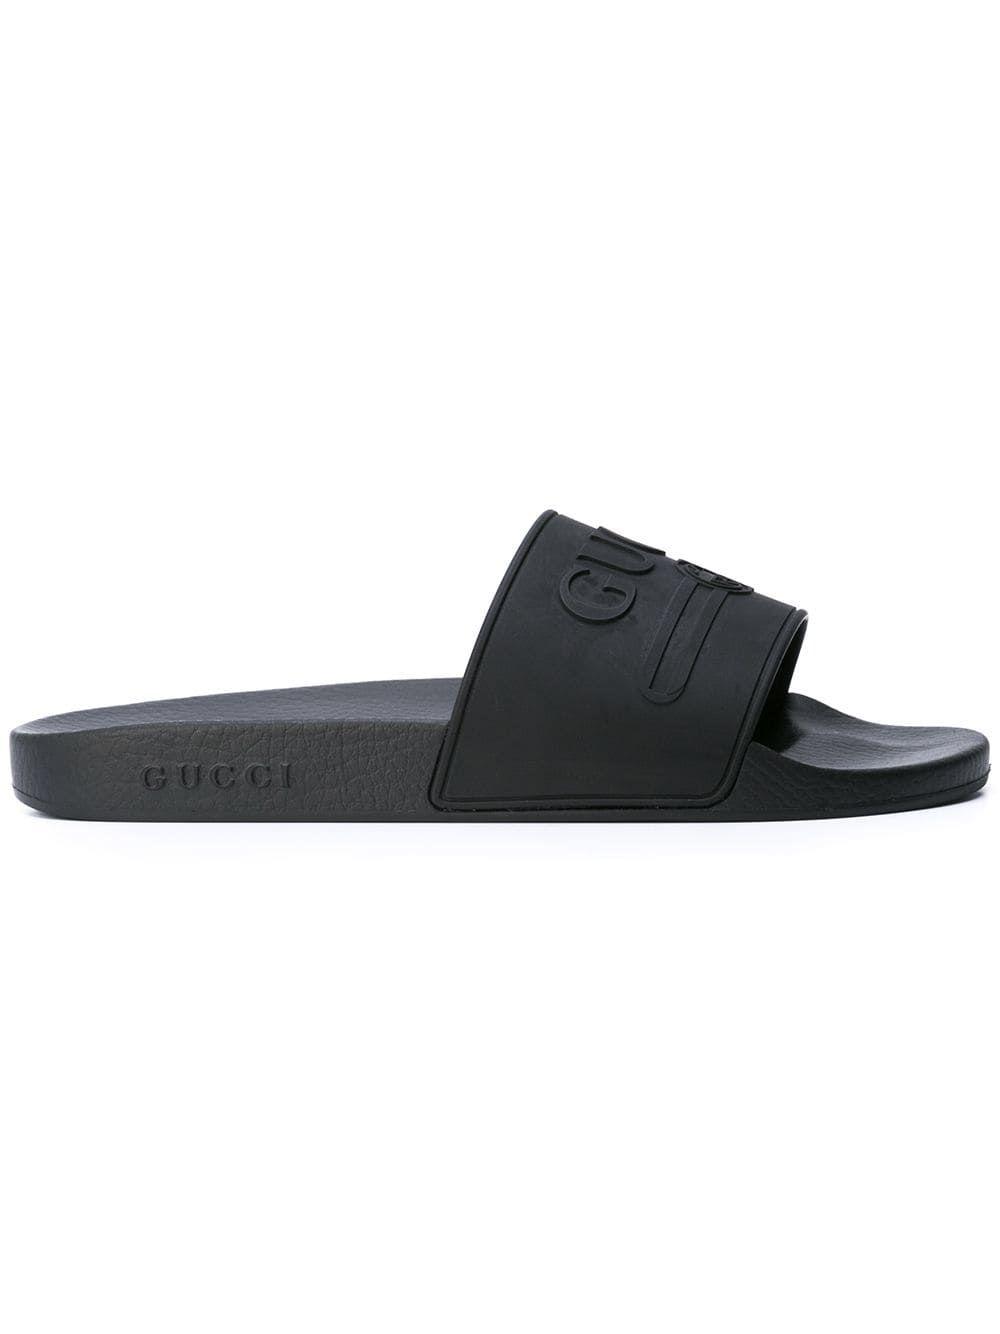 fe2713fce GUCCI GUCCI GUCCI LOGO SLIDES - BLACK. #gucci #shoes   ♡Gucci ♡ in ...